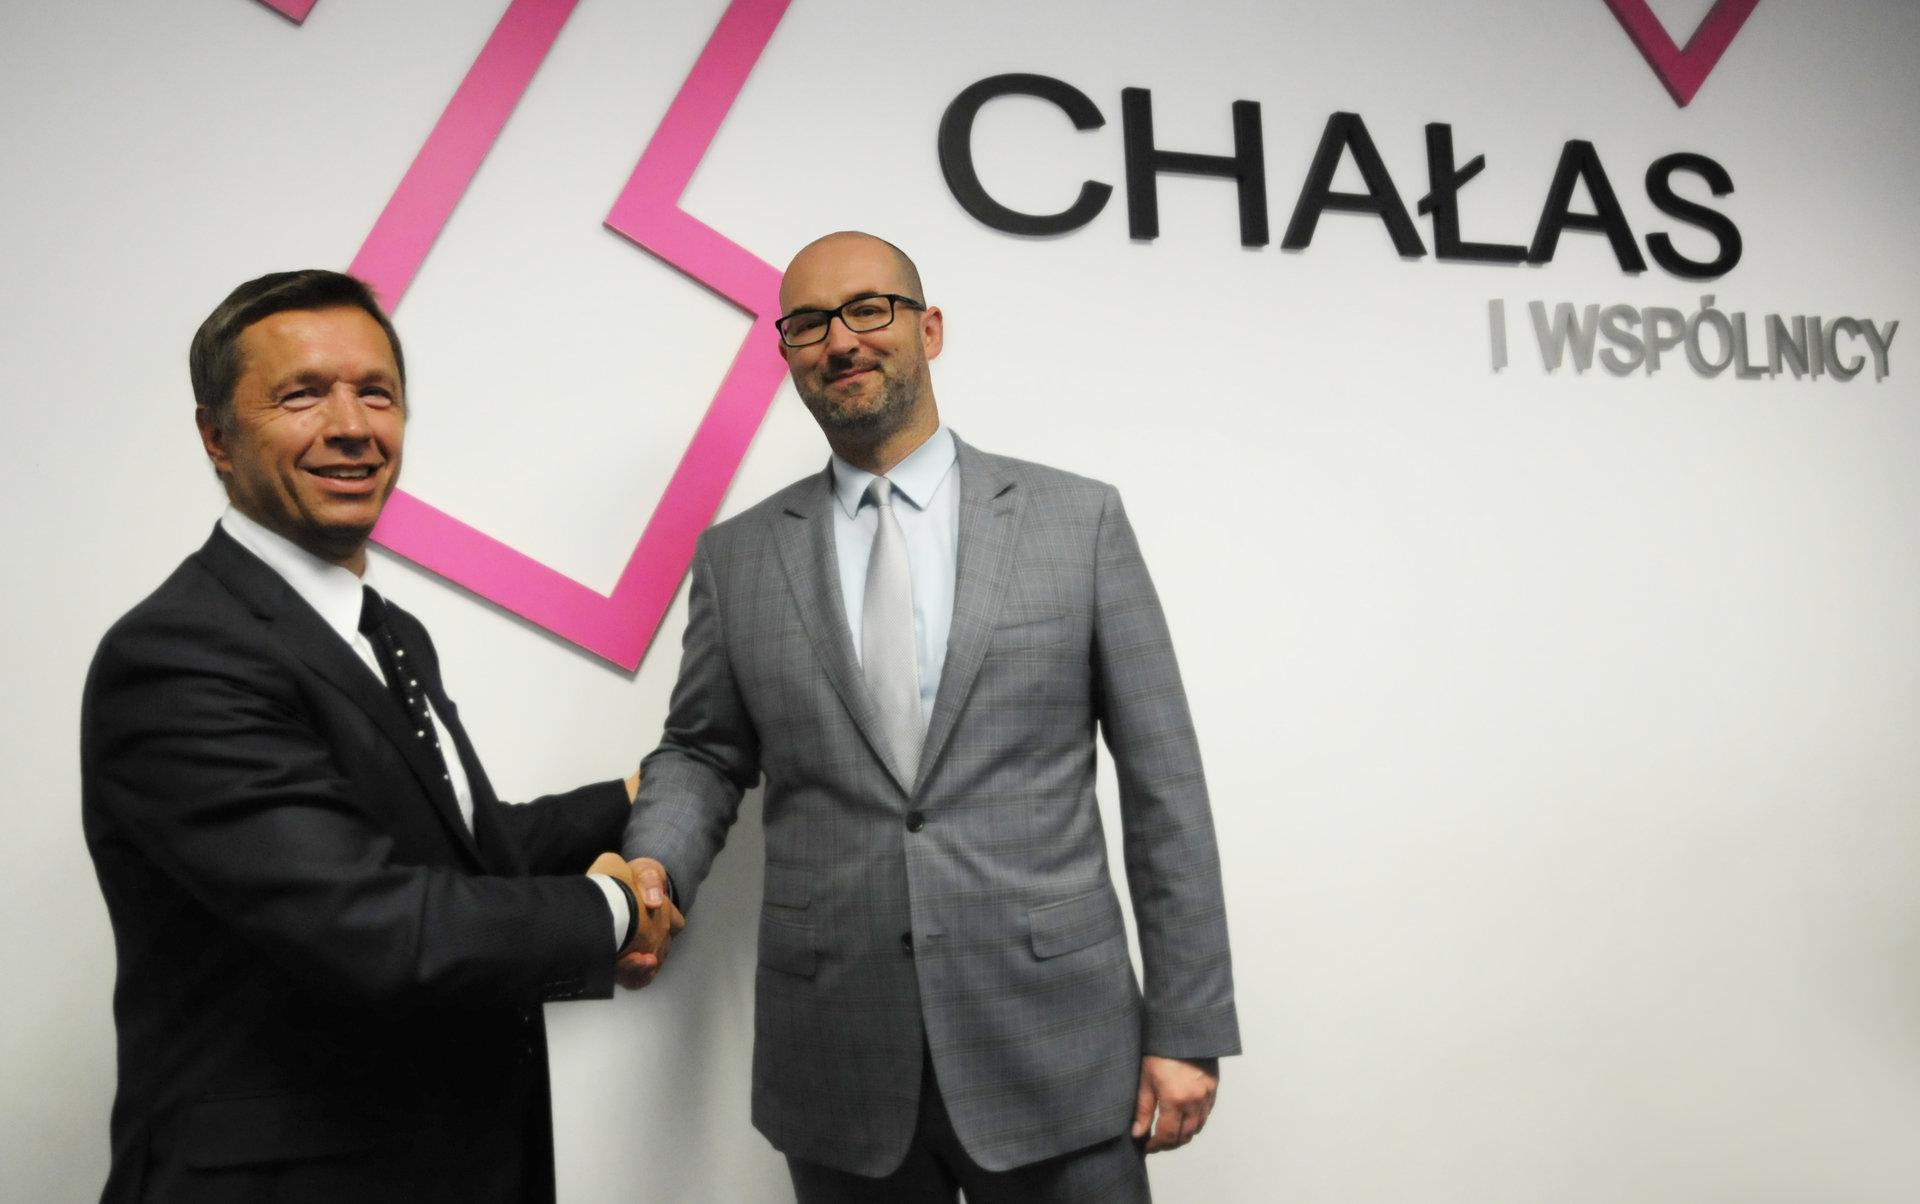 Nowy Partner w Kancelarii Chałas i Wspólnicy